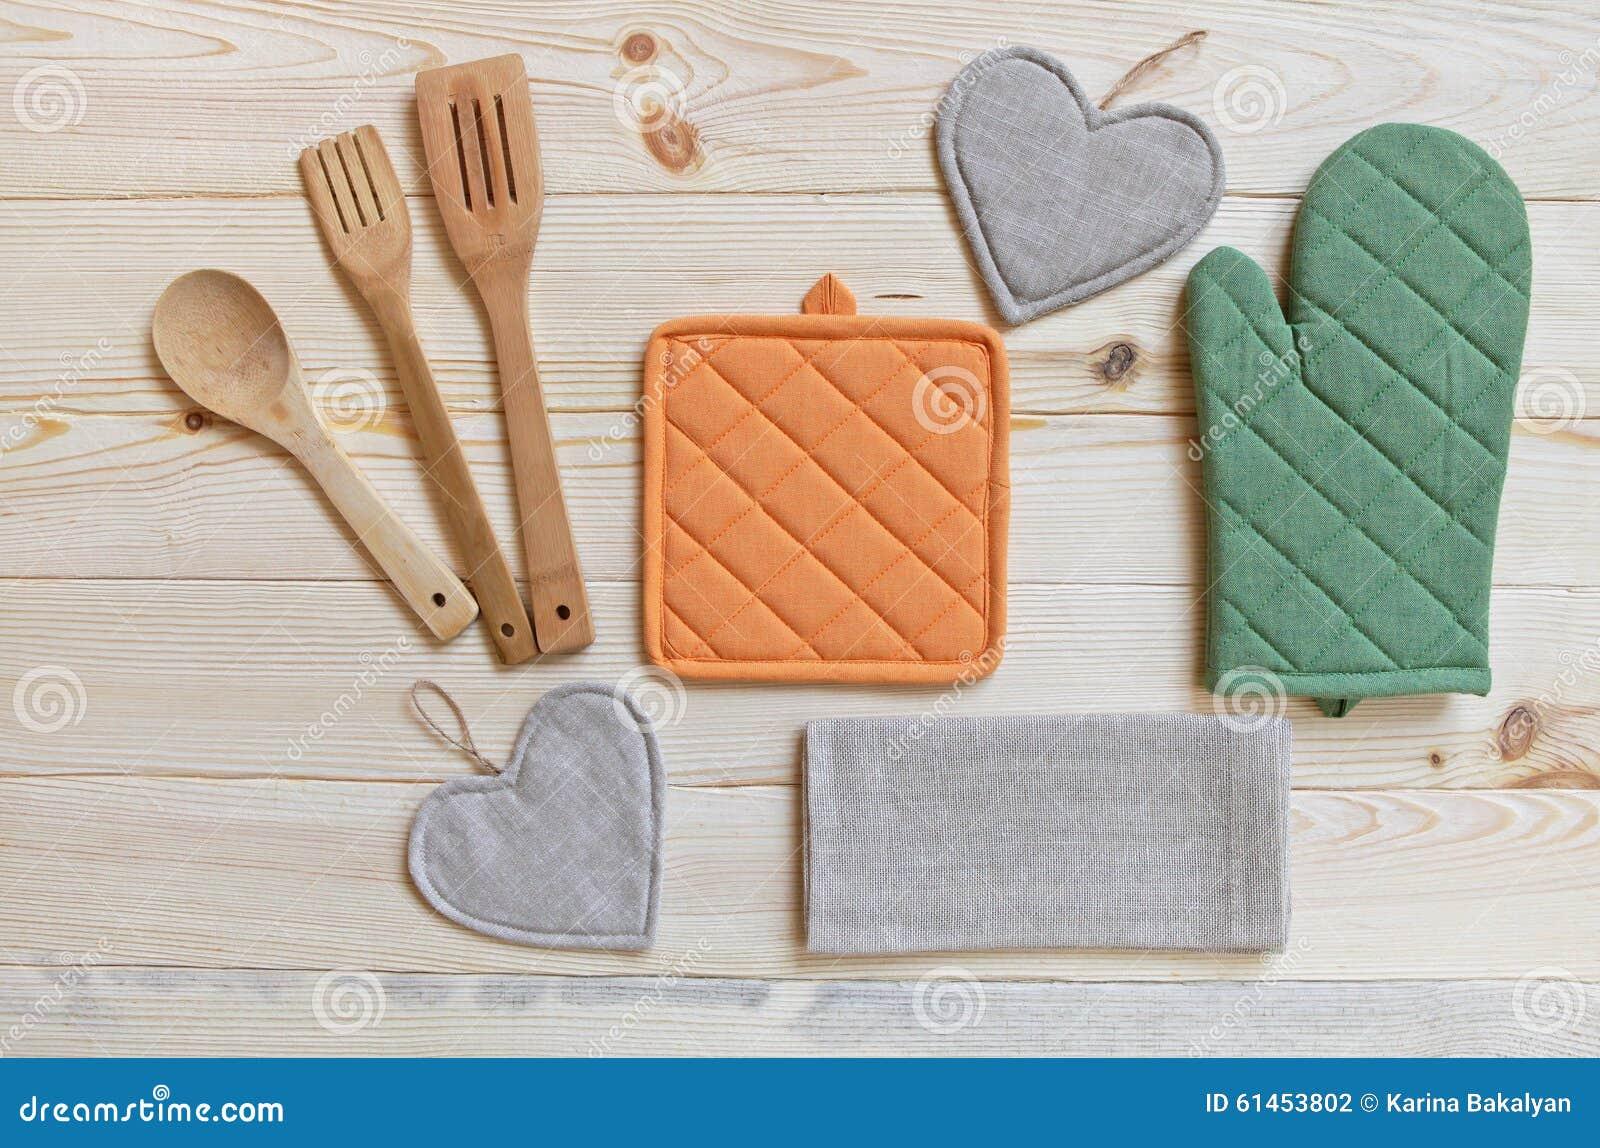 Wooden kitchen utensils potholder glove and napkin stock for Table utensils